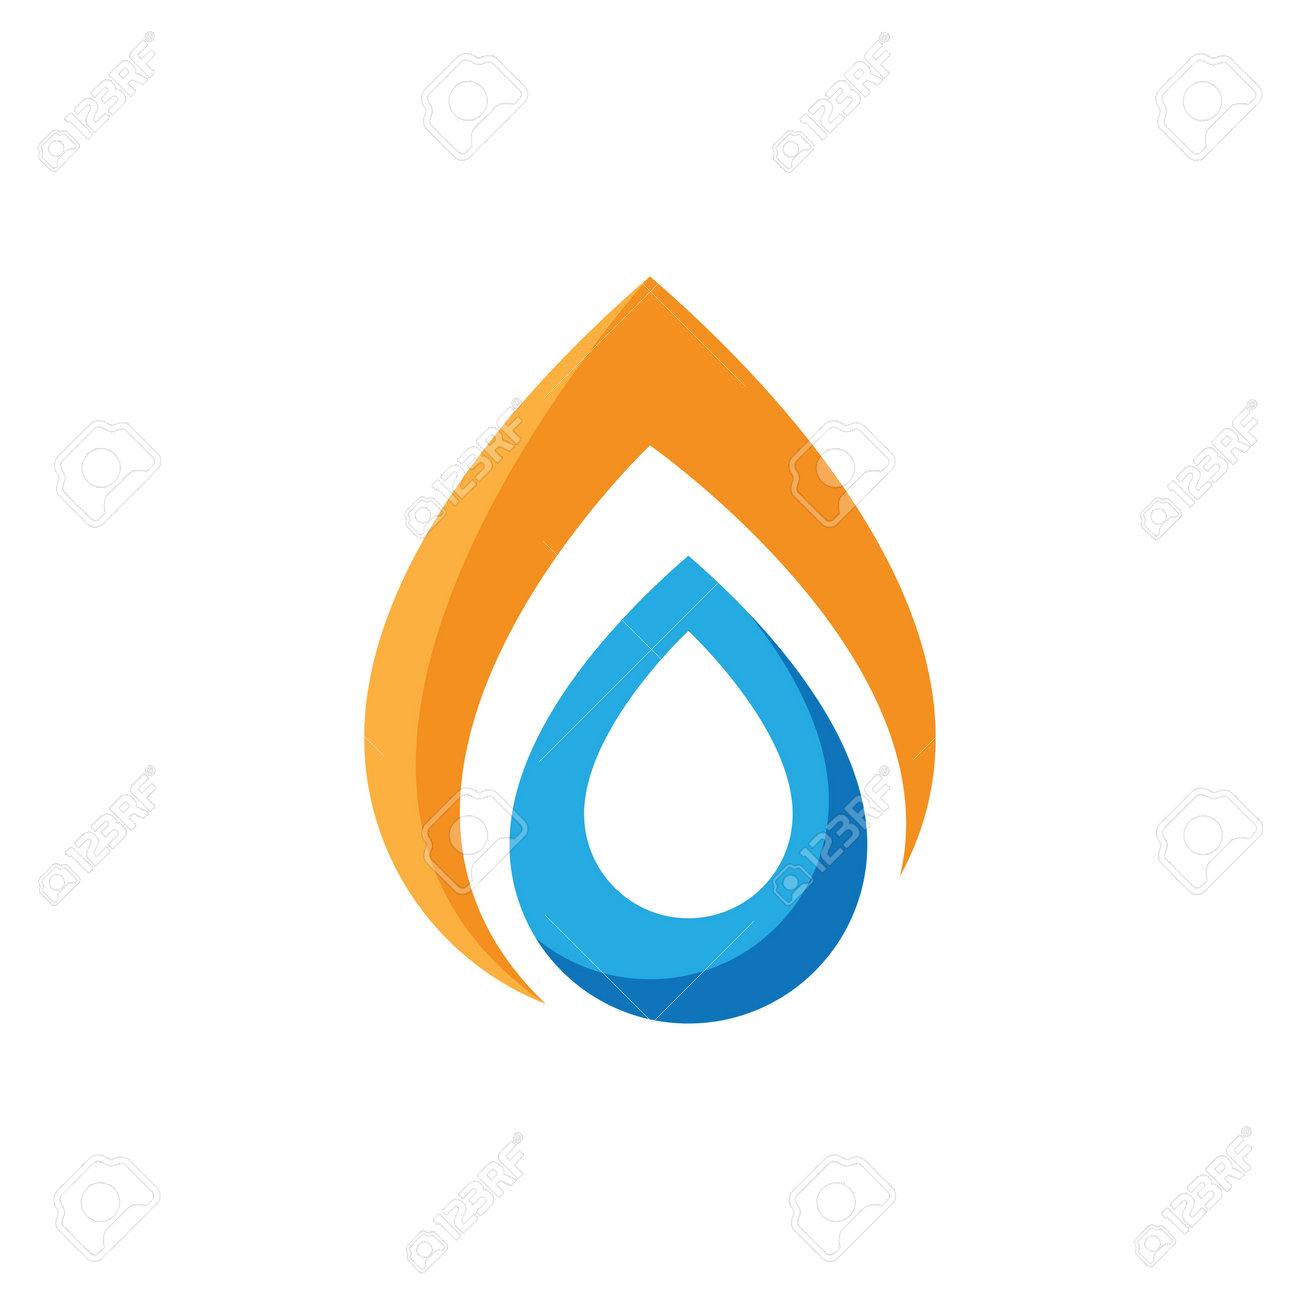 Water drop logo images illustration design - 168292199